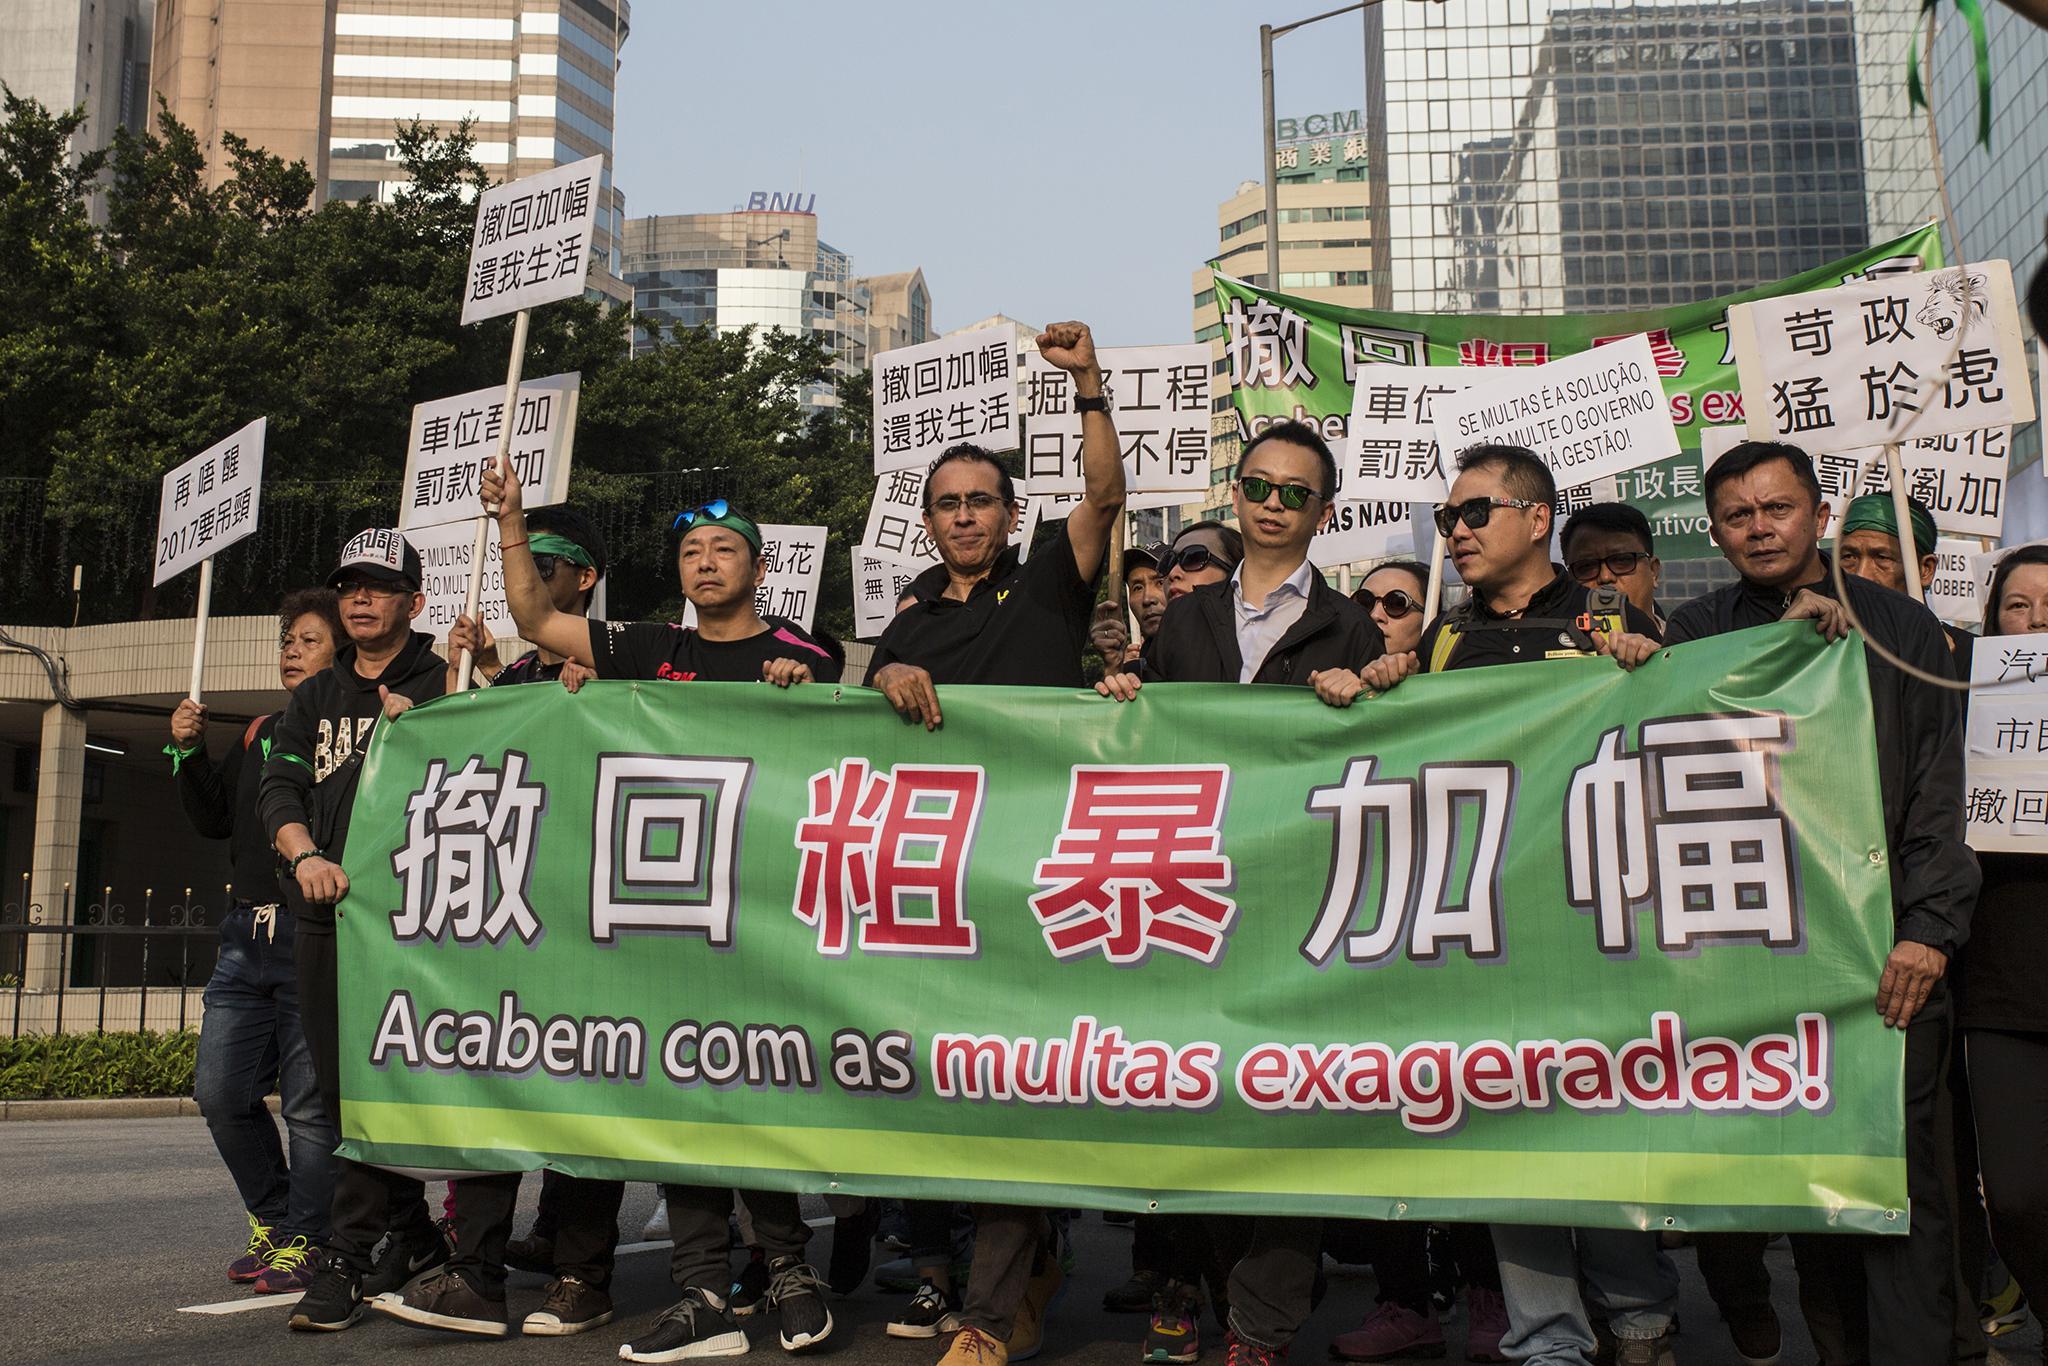 Taxas de veículos | Vozes e cartazes invadiram as ruas contra aumento